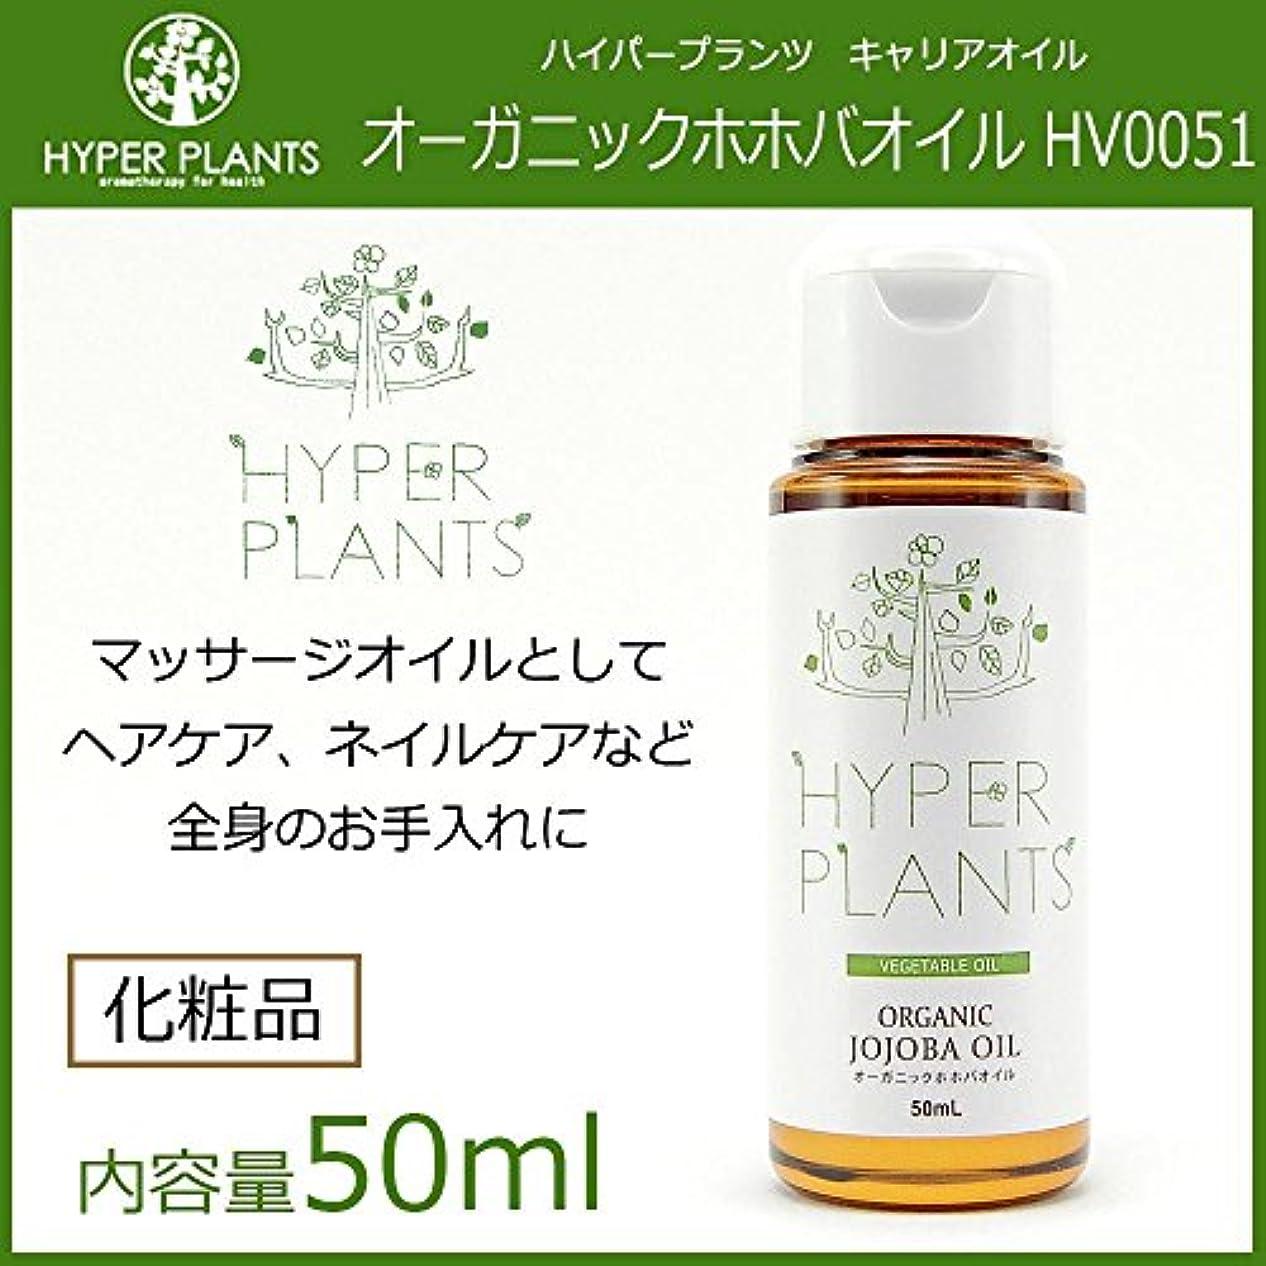 差し引く俳優お嬢HYPER PLANTS ハイパープランツ キャリアオイル オーガニックホホバオイル 50ml HV0051